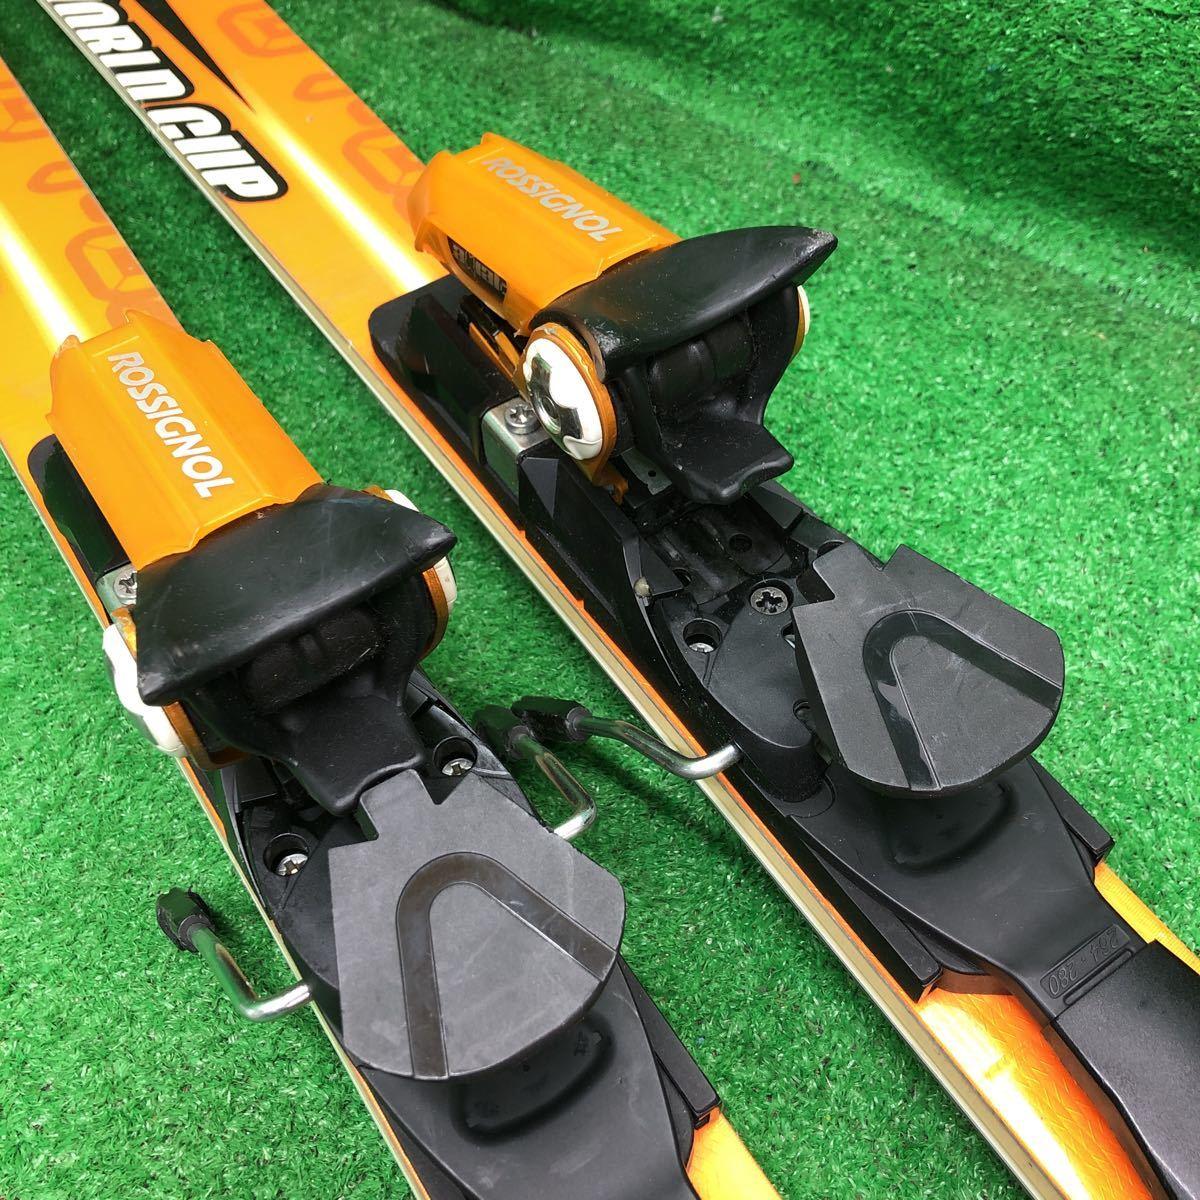 SKI-416 ロシニョール(Rossignal) Radical X 175cm 全国送料一律で1円スタート売り切り!春休みに是非!_画像4